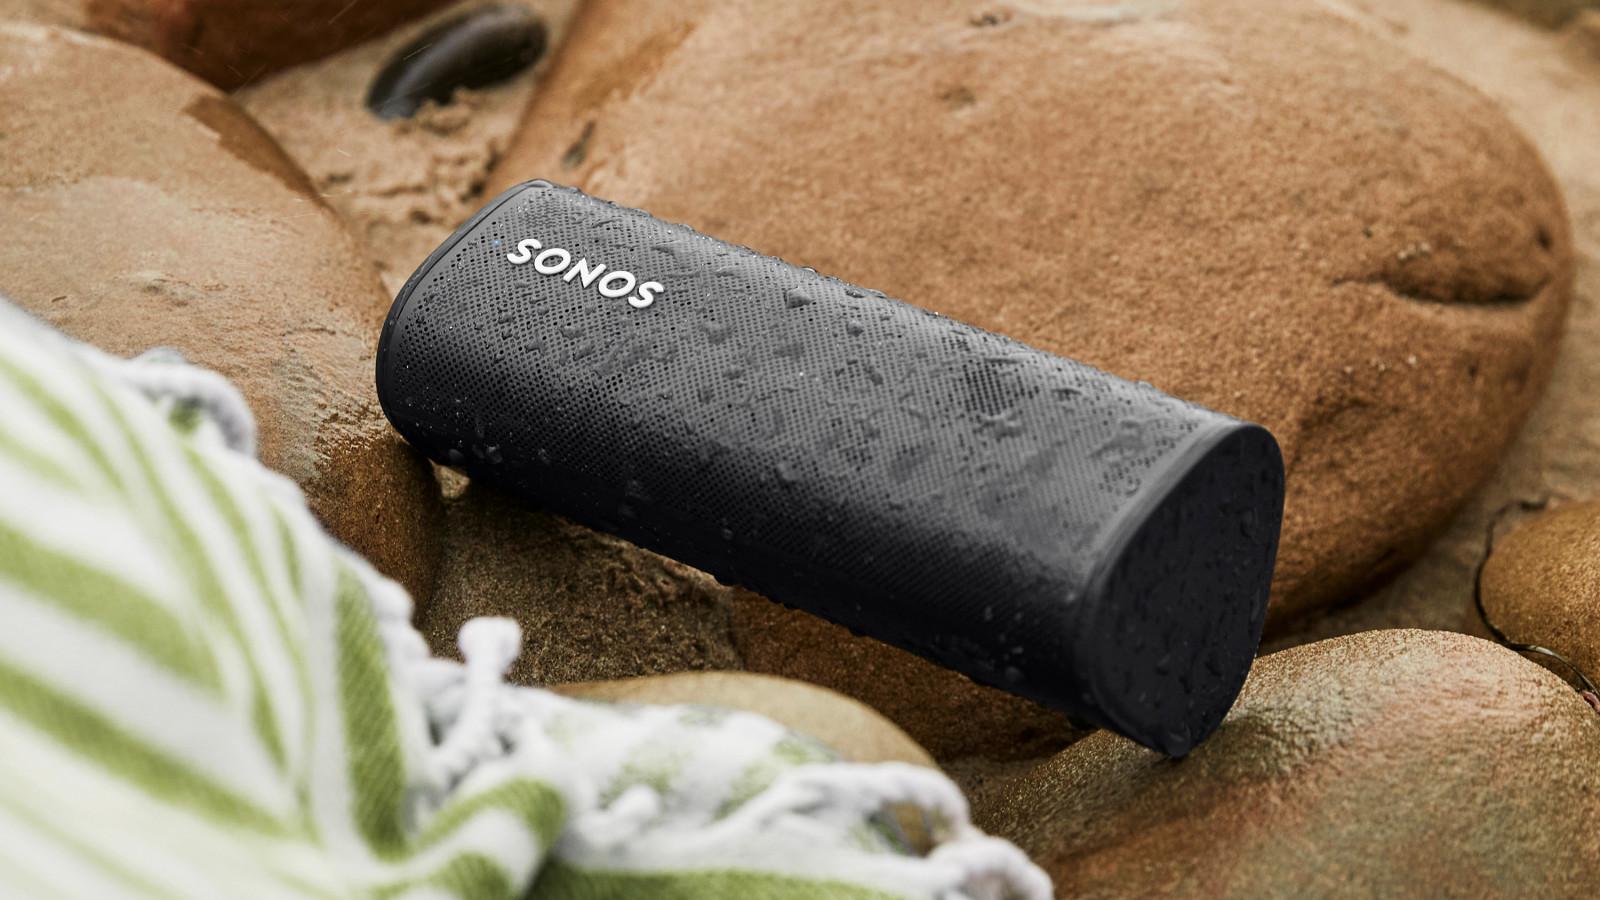 Der Sonos Roam verdient als erstes Sonos-Modell die Bezeichnung Bluetooth-Speaker.